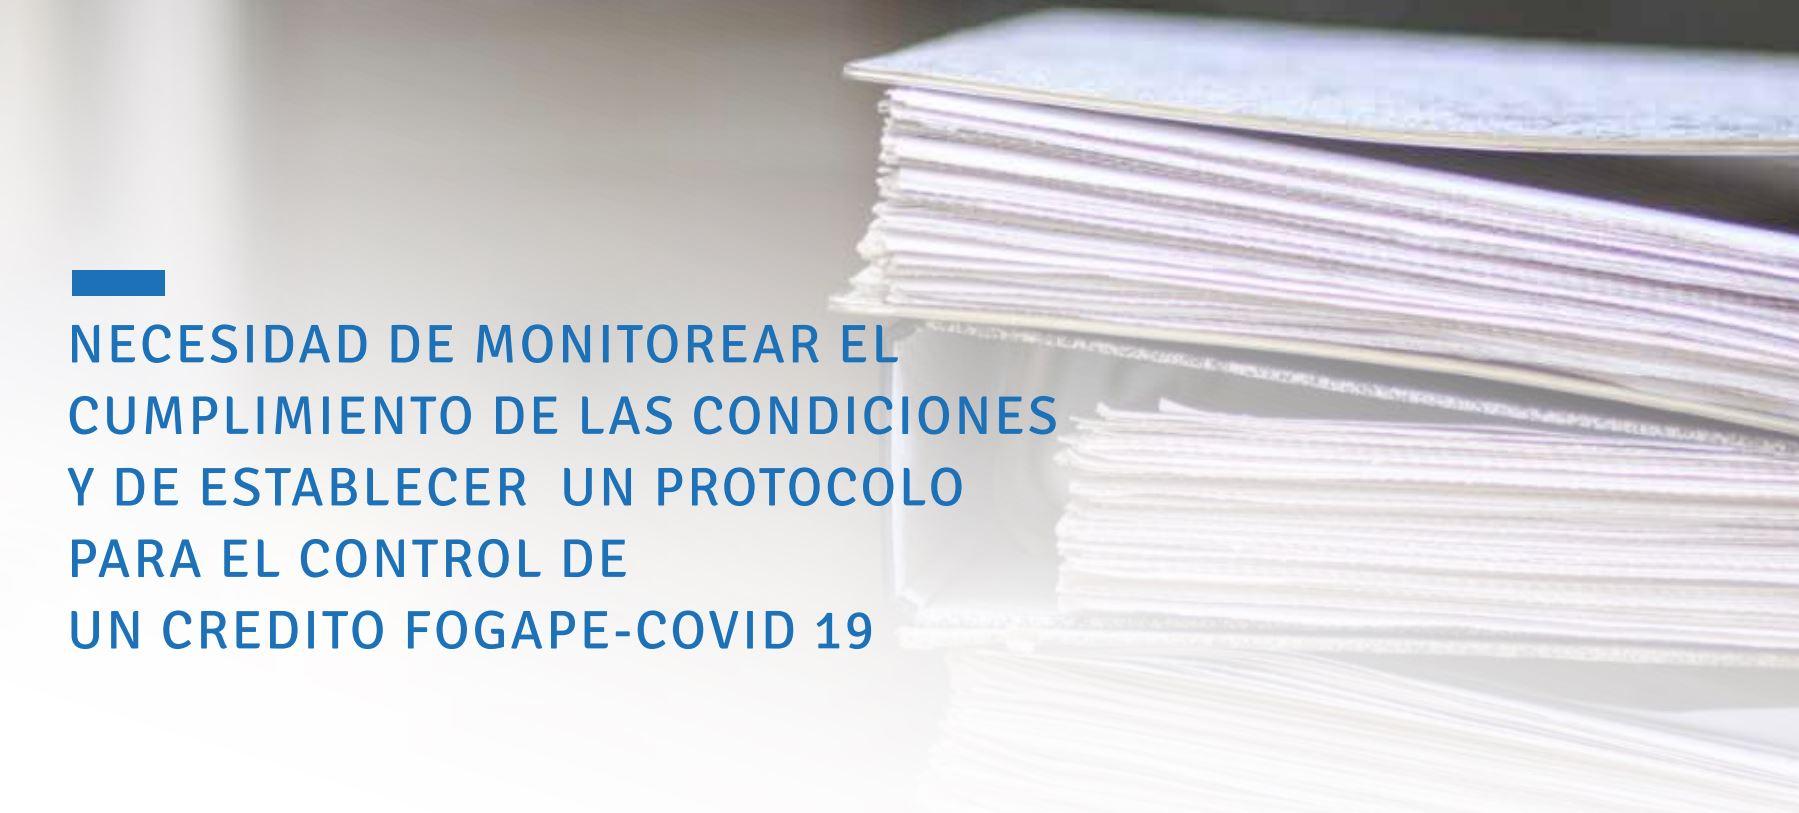 """Featured image for """"Necesidad de Monitorear el cumplimiento de las condiciones y de establecer un protocolo para el control de un crédito FOGAPE-COVID 19"""""""